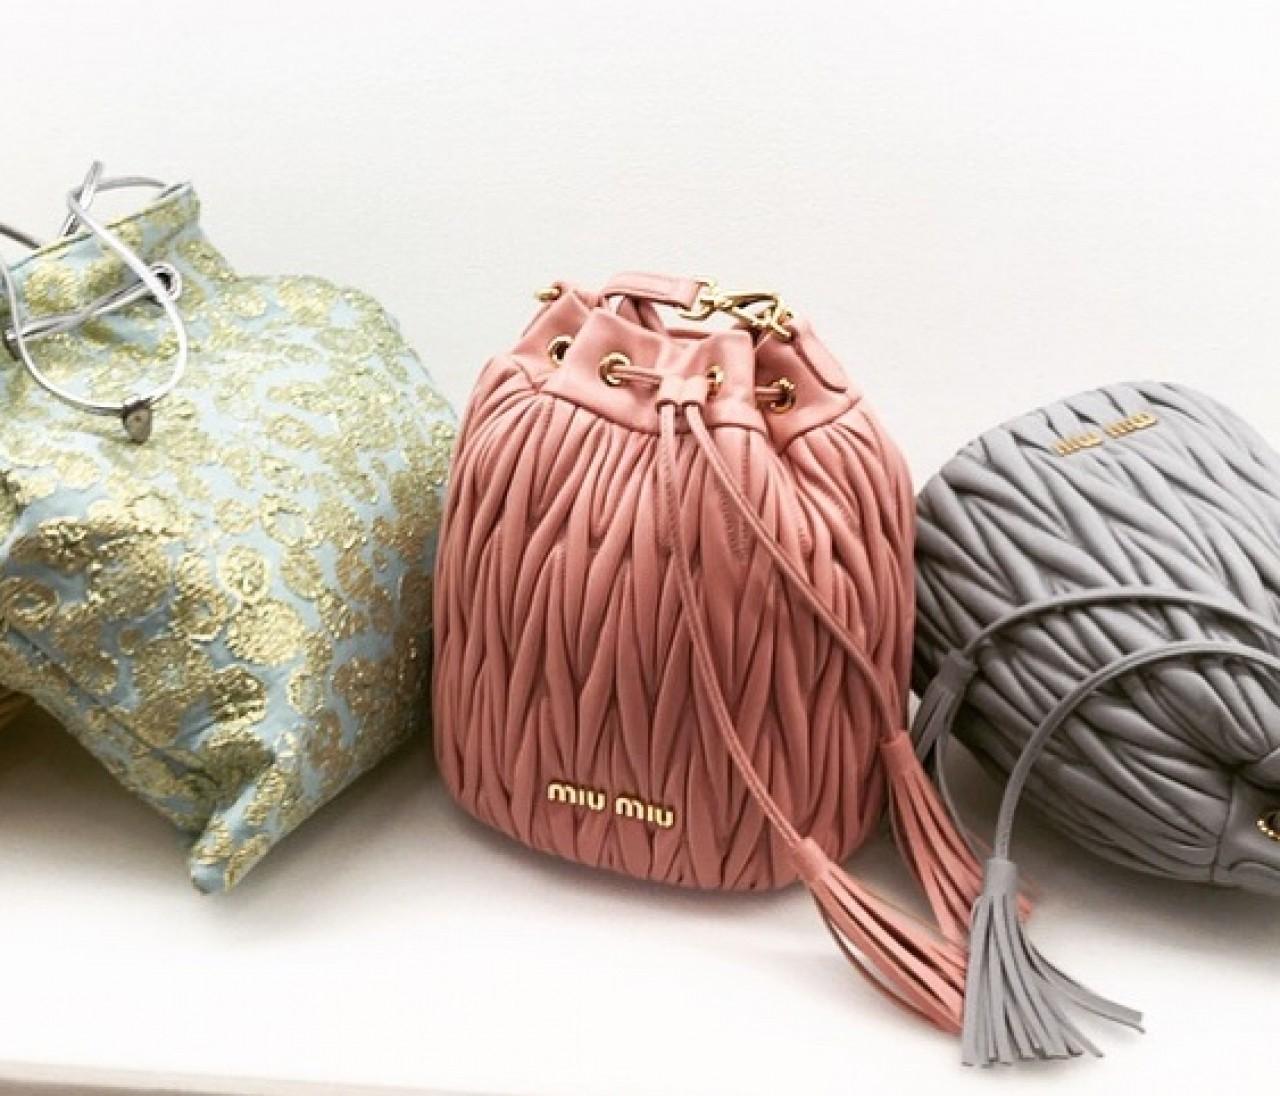 人気のミニバッグで差を付けるなら巾着タイプが気になる!